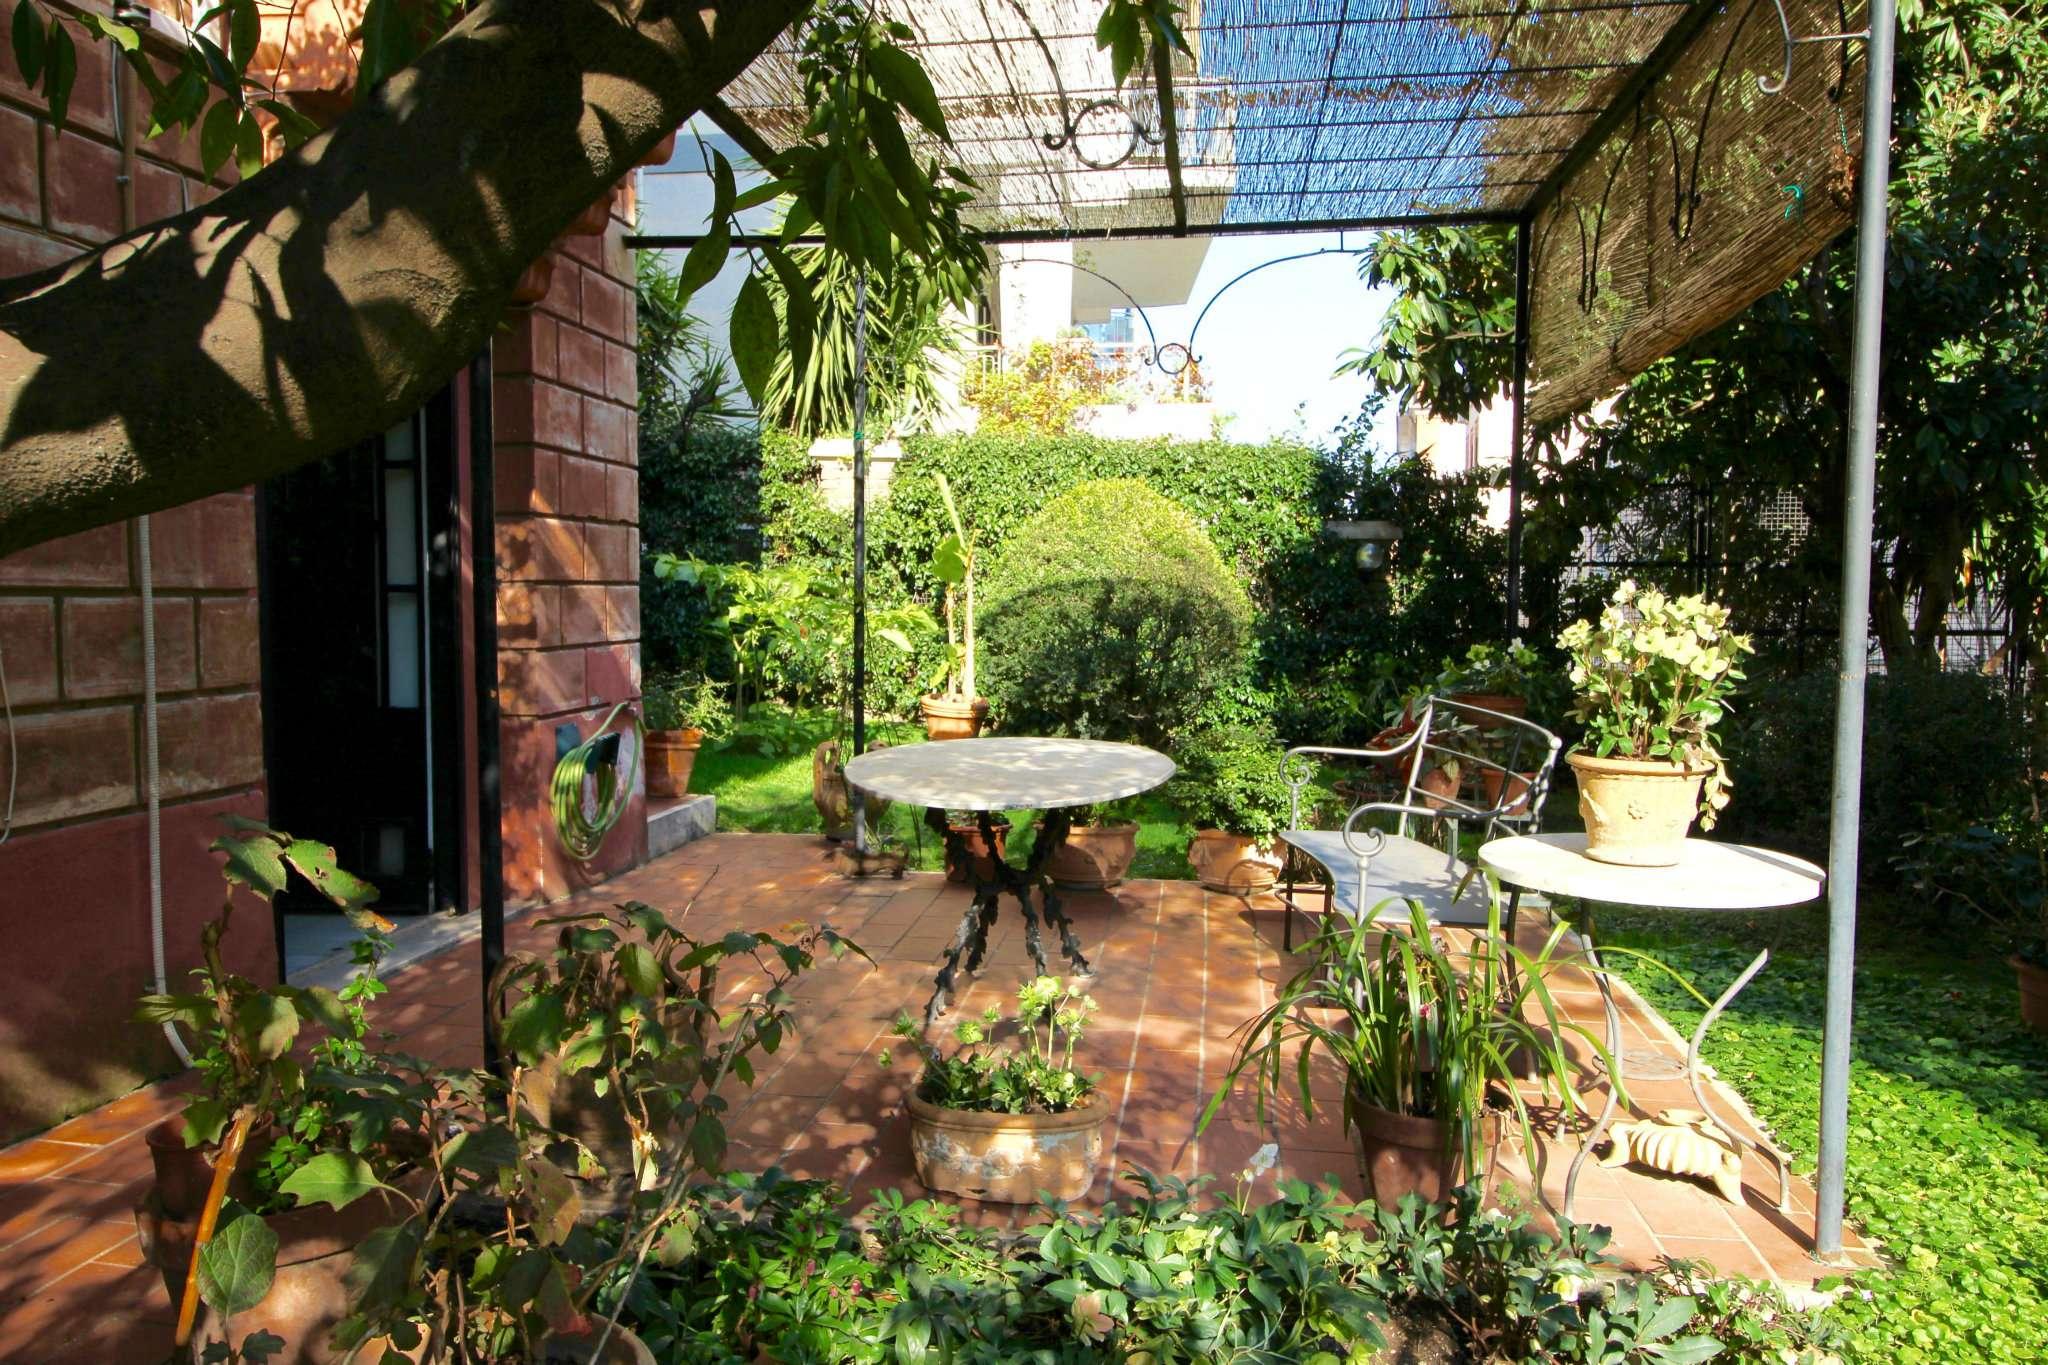 Appartamento in vendita a Roma, 9999 locali, zona Zona: 25 . Trastevere - Testaccio, prezzo € 1.280.000   CambioCasa.it